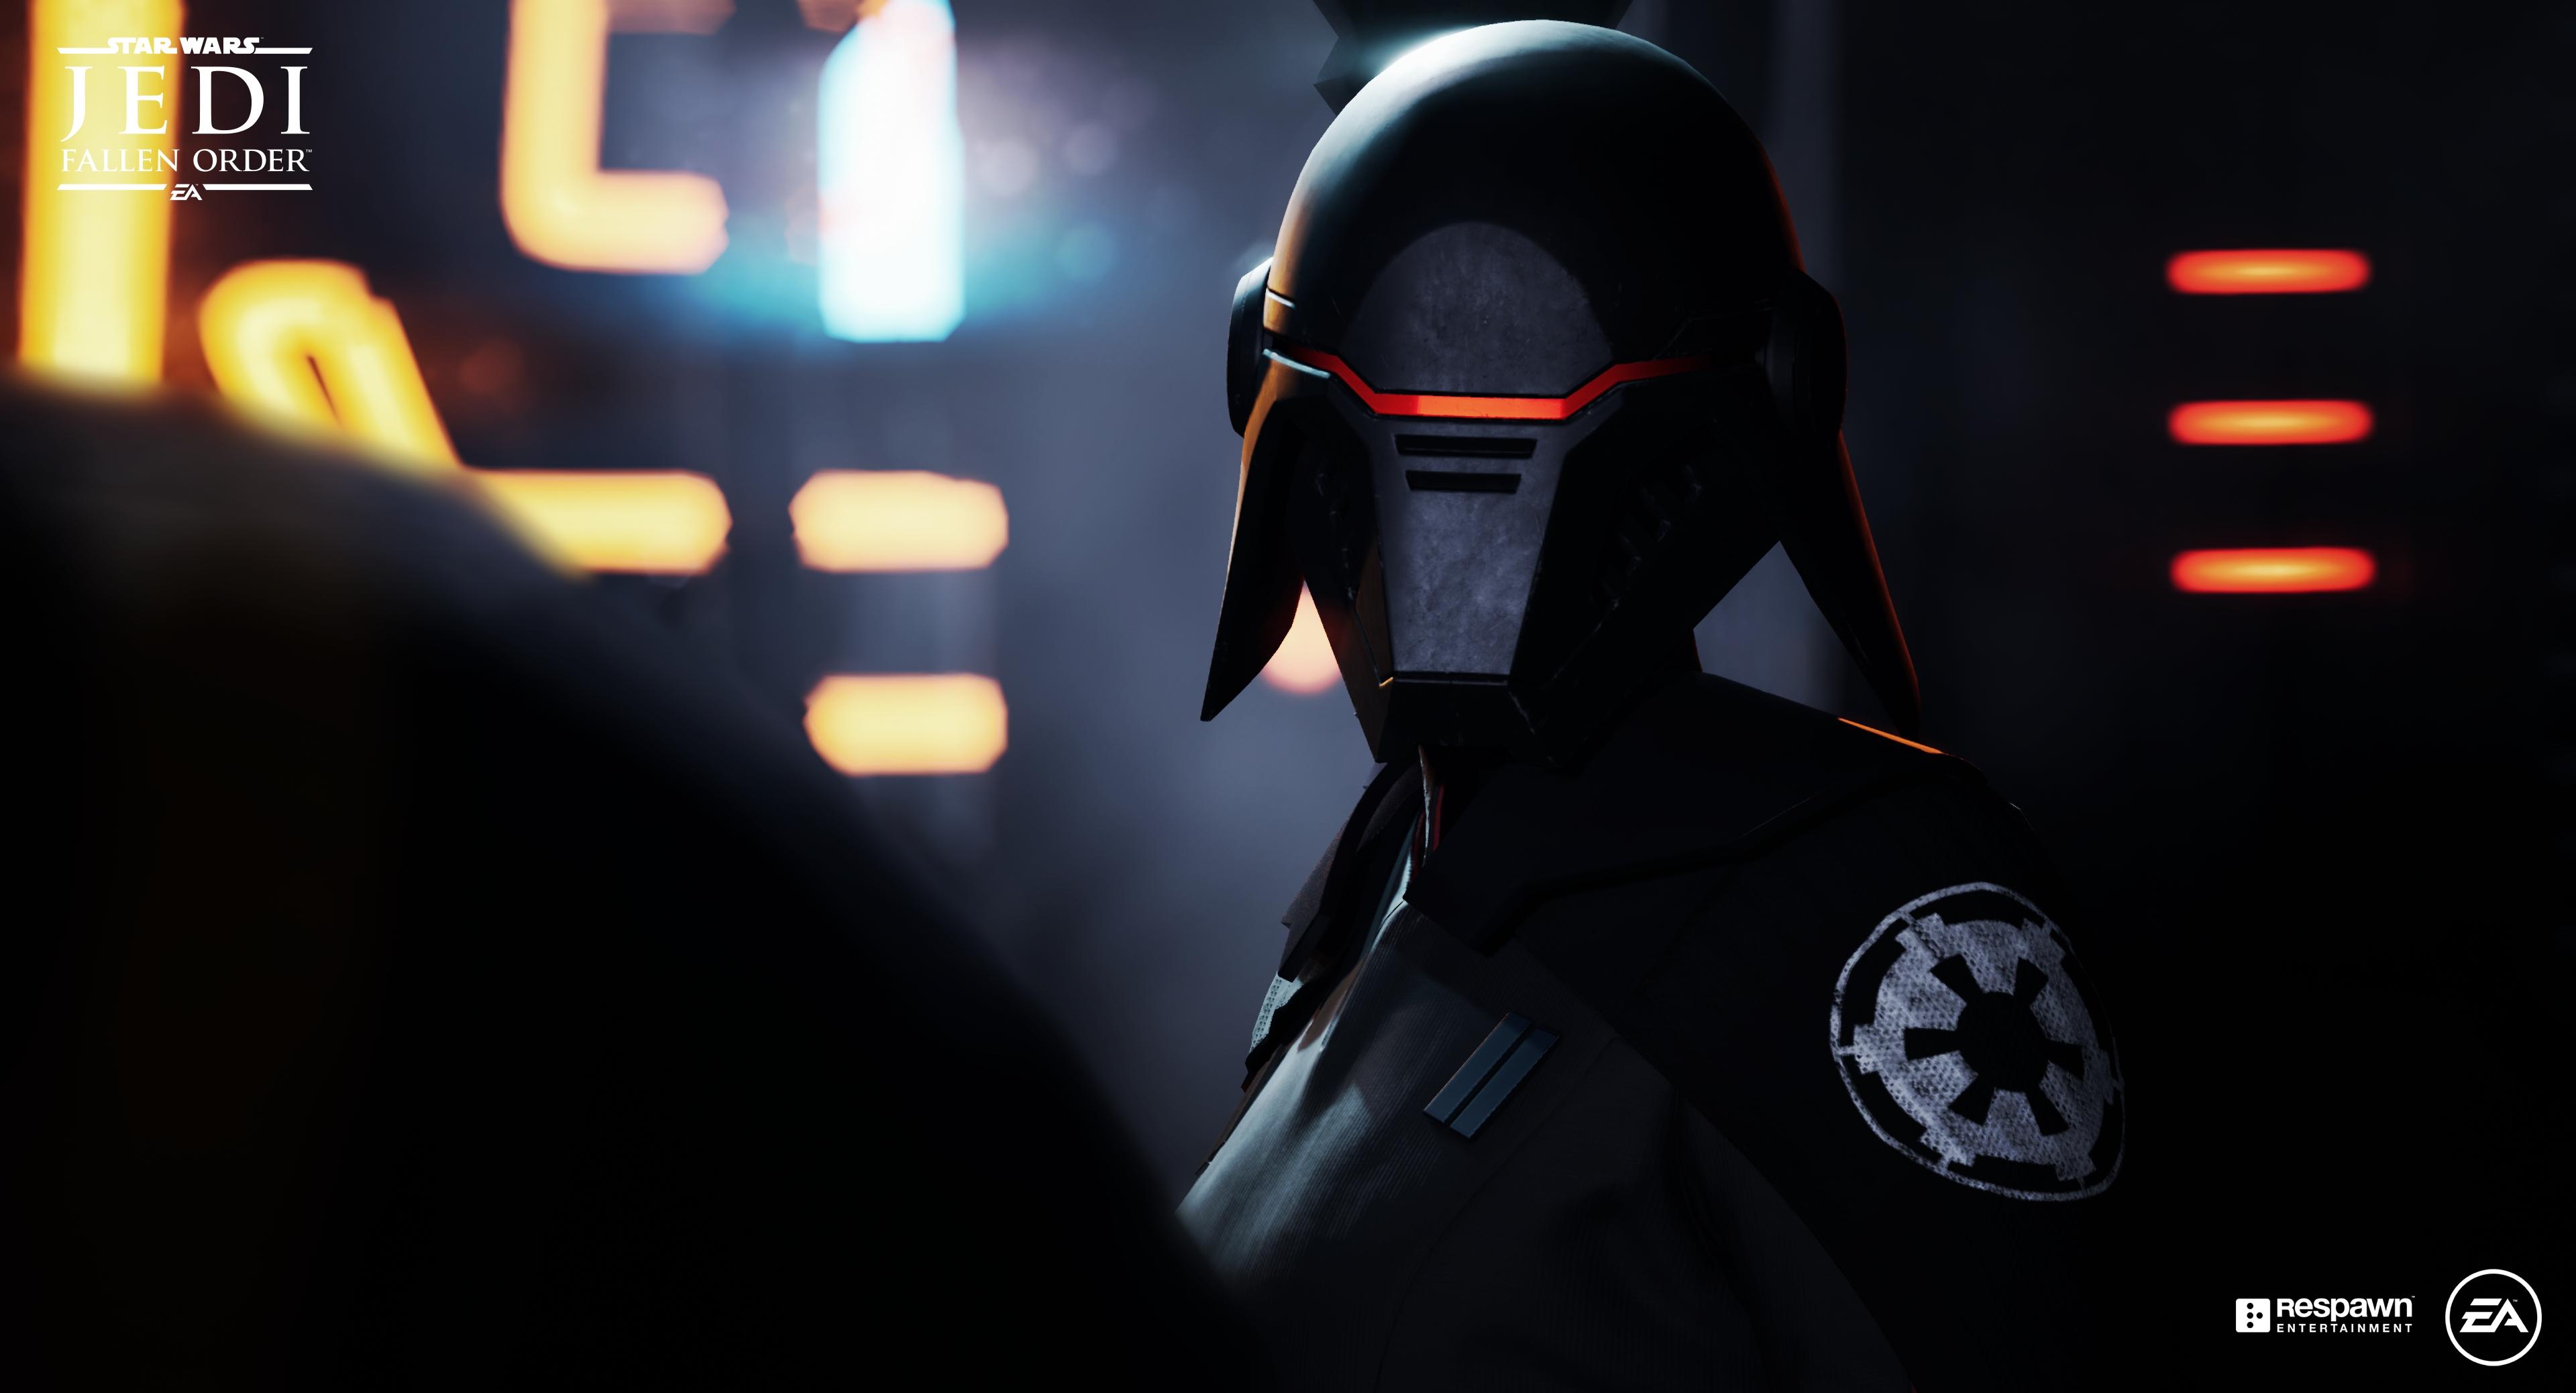 Star Wars Jedi Fallen Order Screen 1